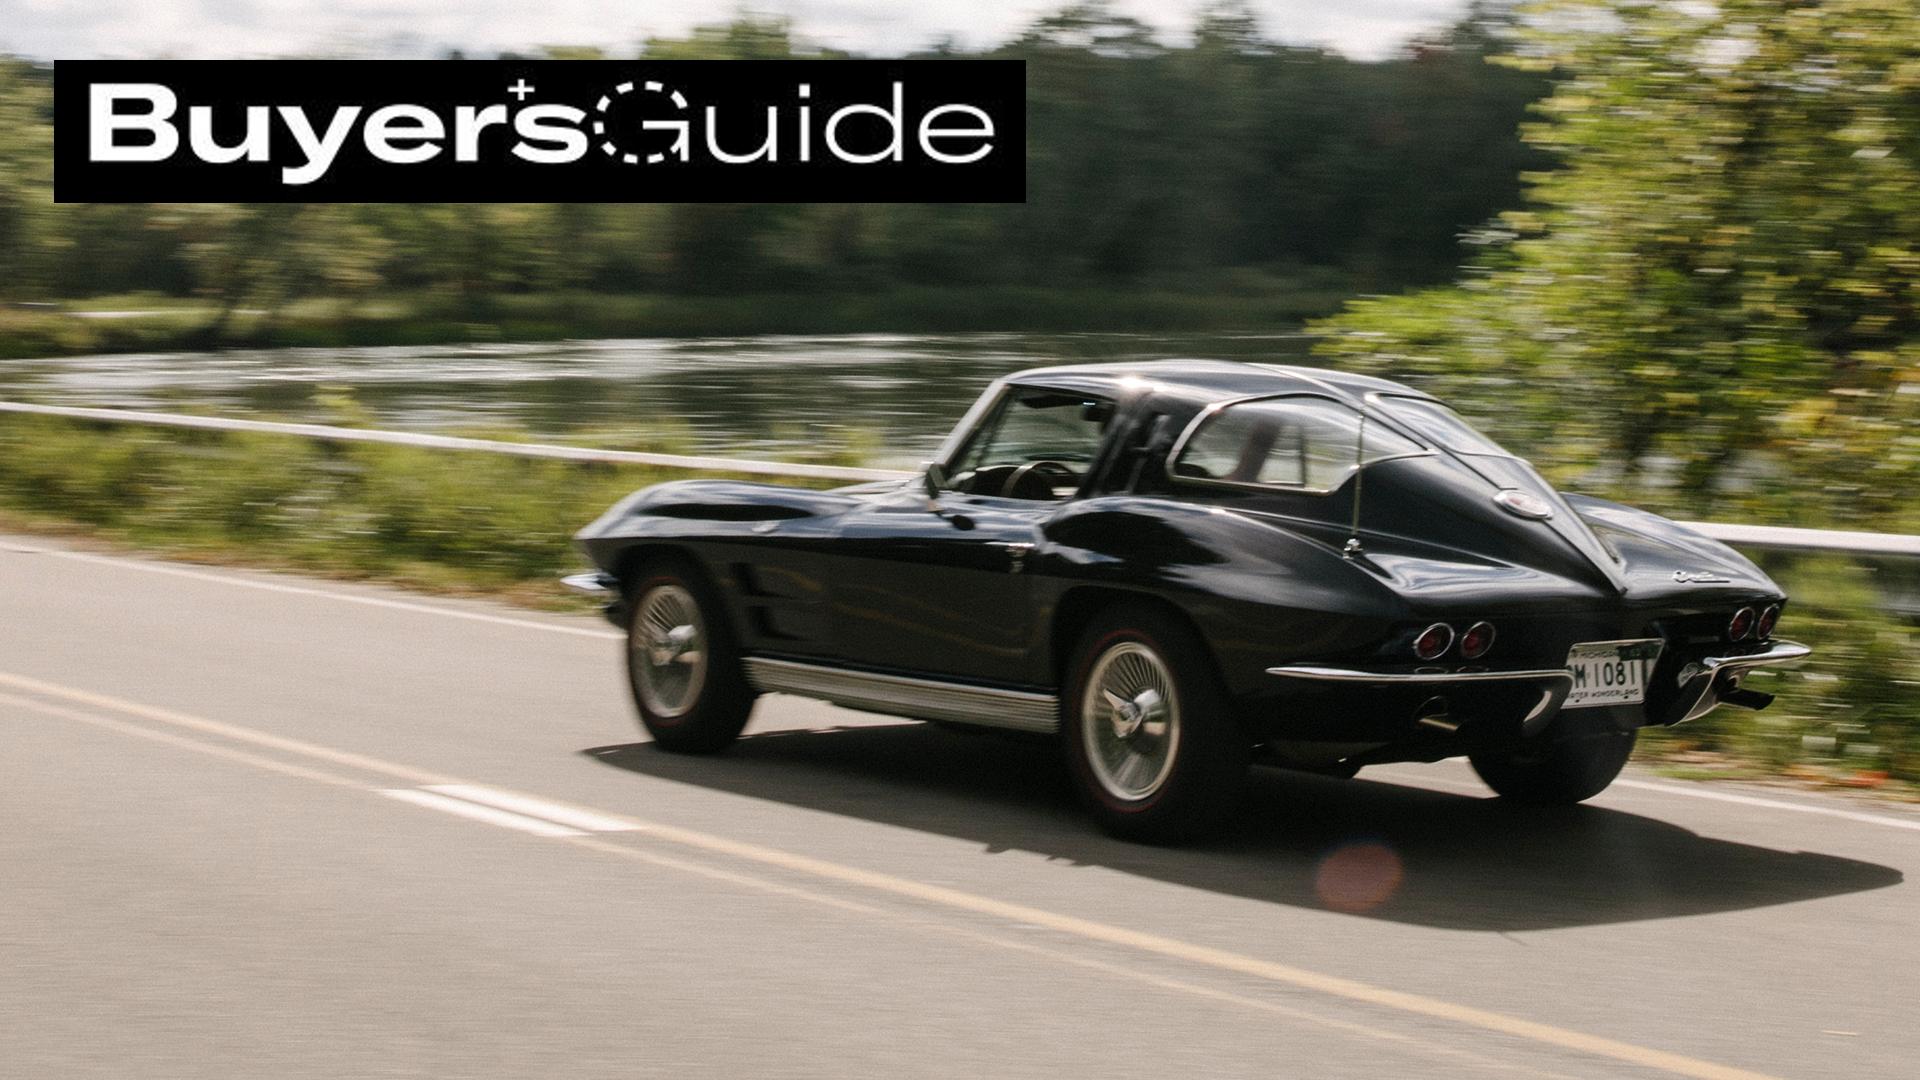 1963 split window corvette buyers guide